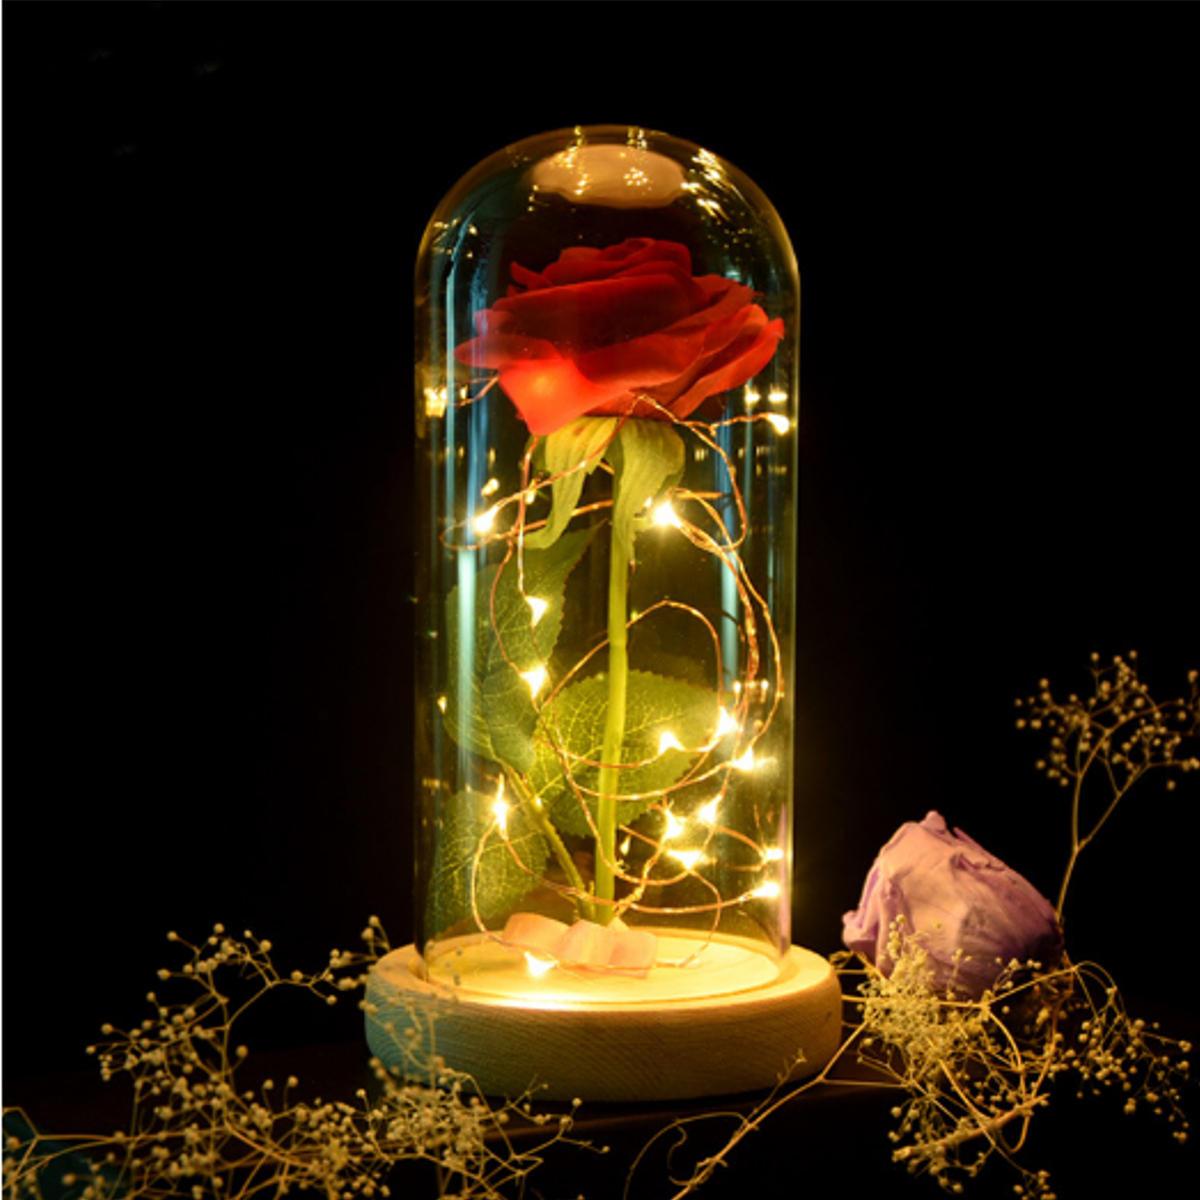 Đèn trang trí hoa hồng đỏ Làm đẹp mê hoặc được bảo quản Màu đỏ tươi Hoa hồng thủy tinh với đèn LED